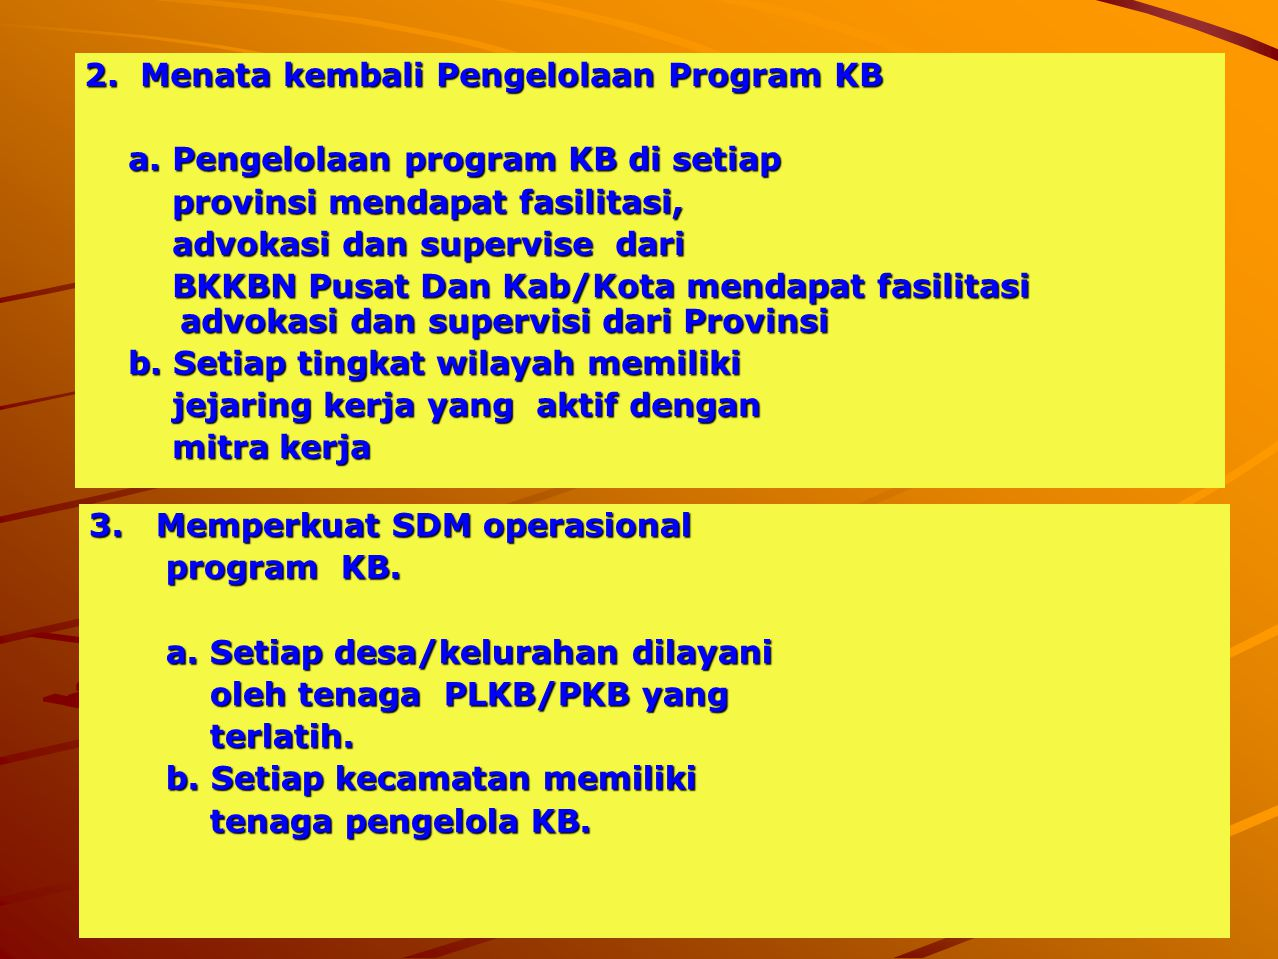 2. Menata kembali Pengelolaan Program KB